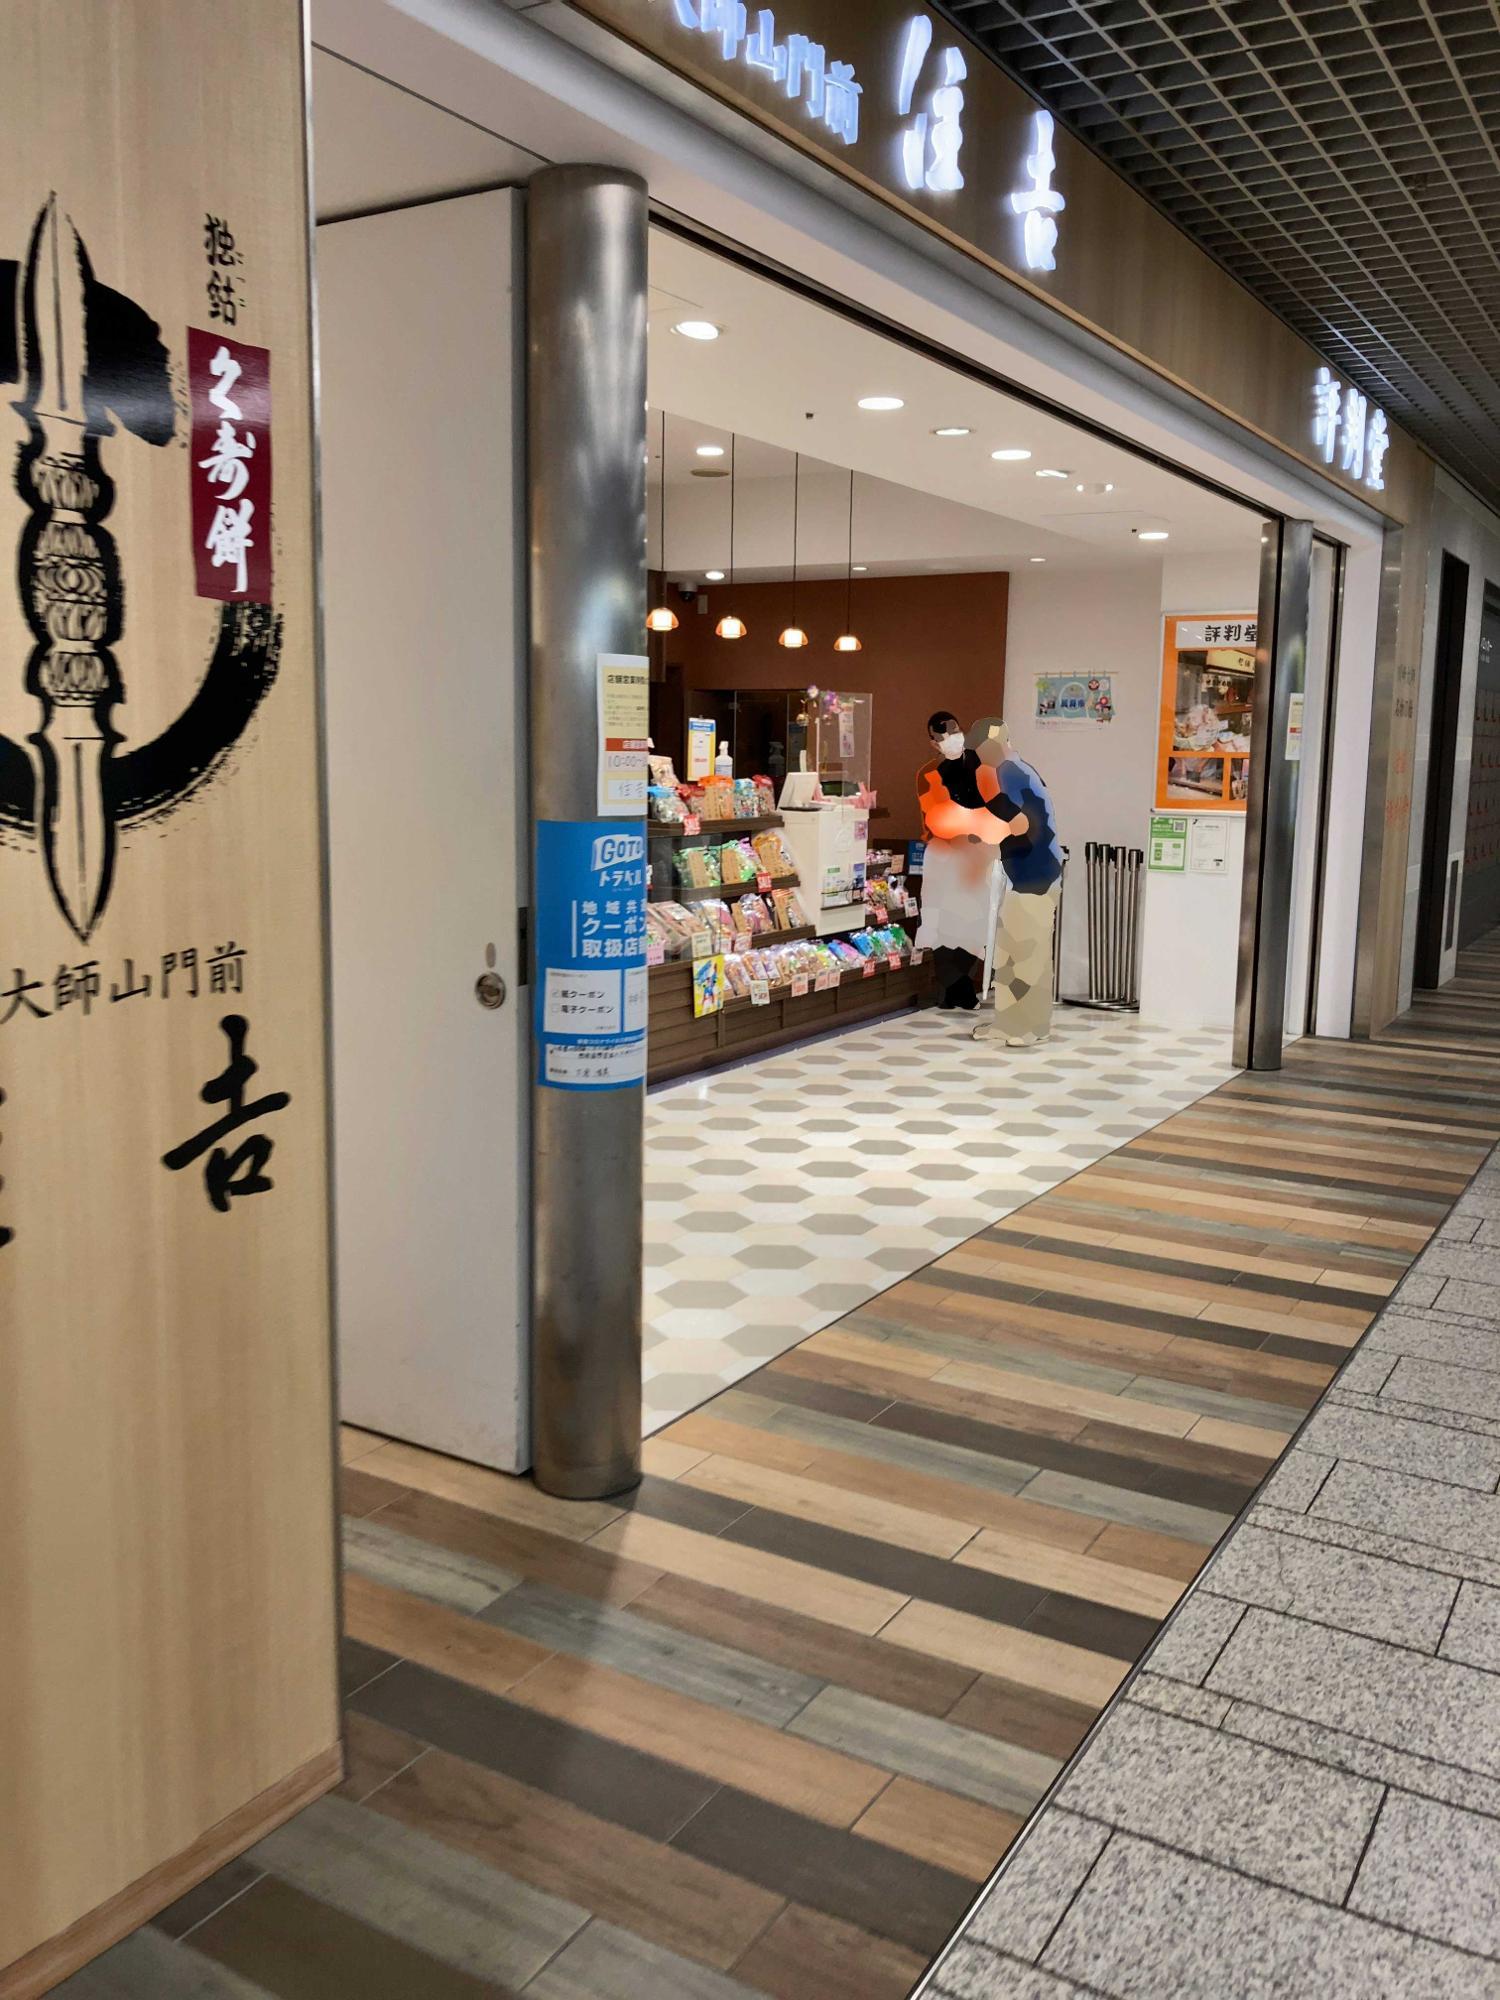 川崎駅の地下街に店を構えています